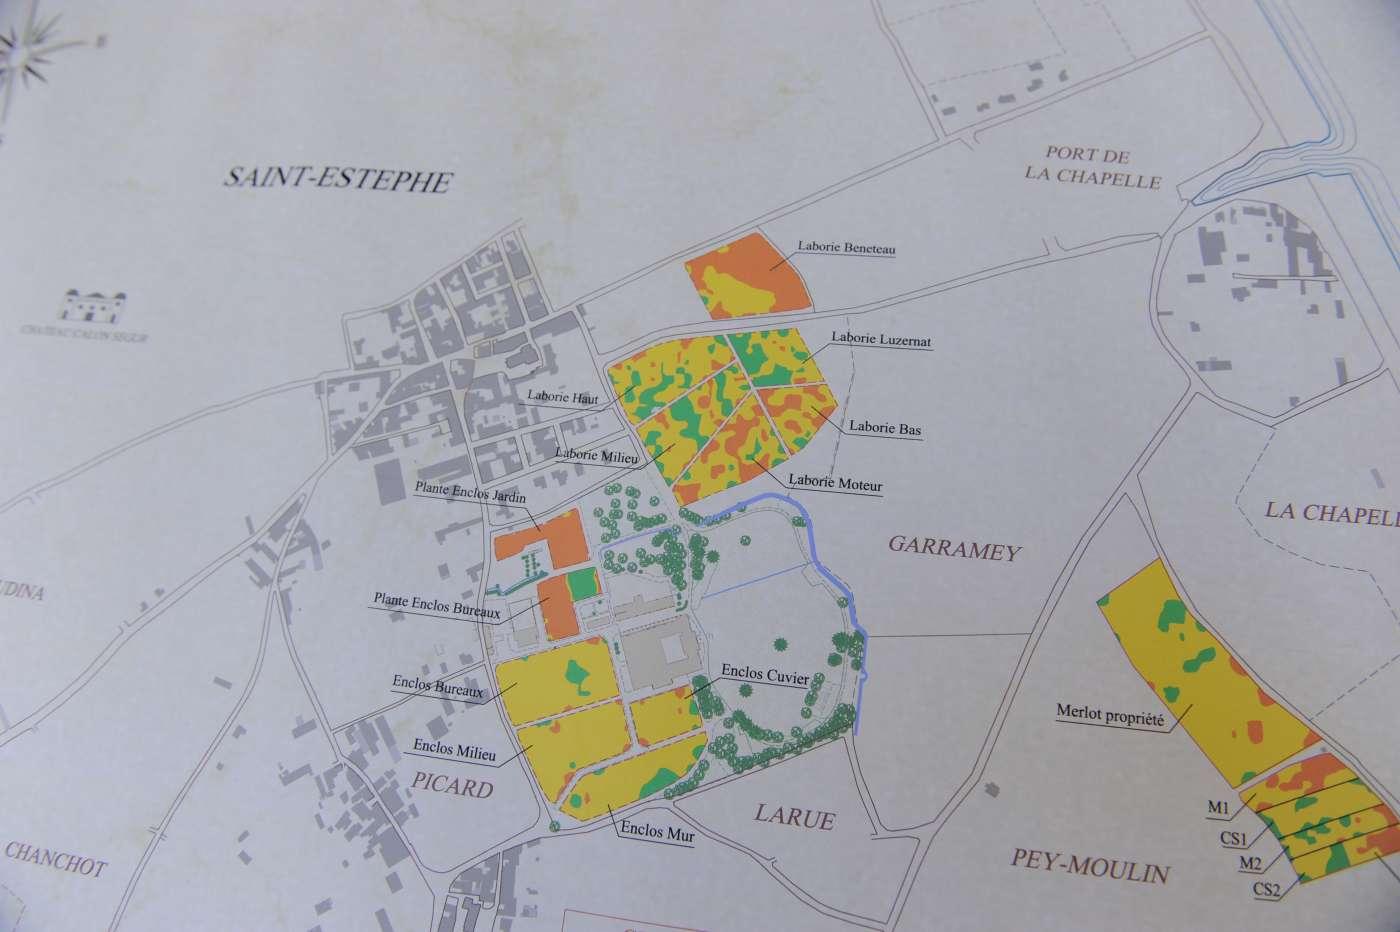 Saint Estèphe vineyard